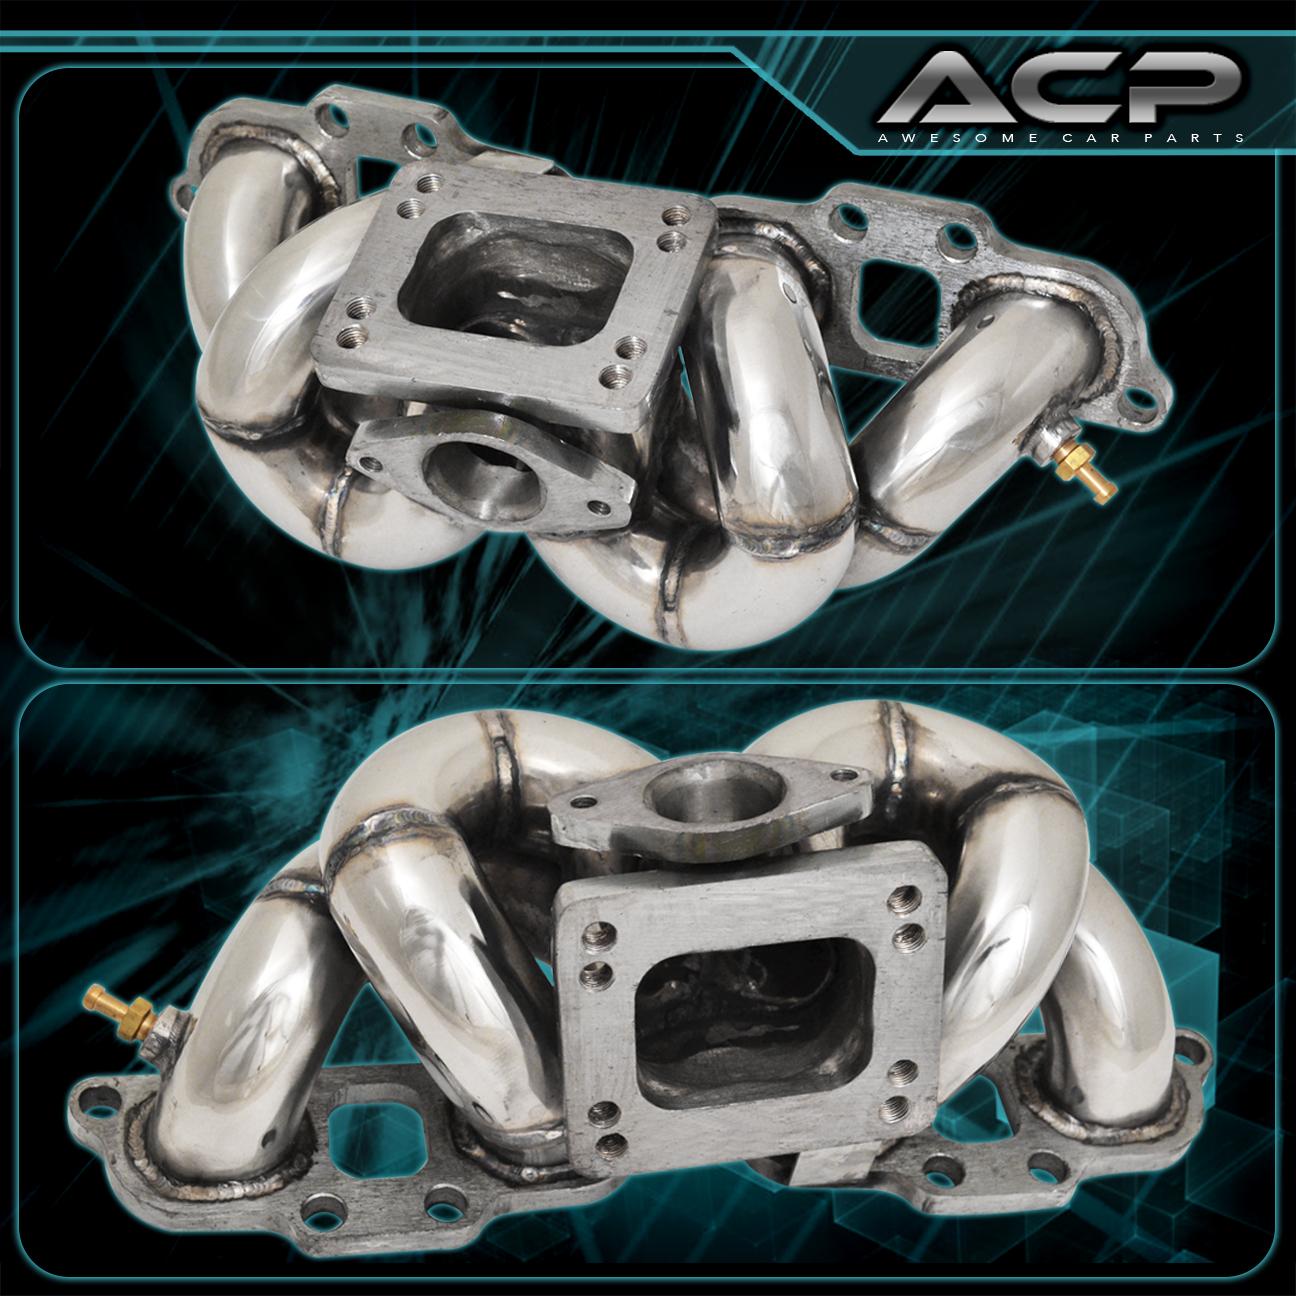 Sr20det Turbo: For Nissan 240SX S13 S14 SR20DET SR20 Silvia T3 T4 Turbo